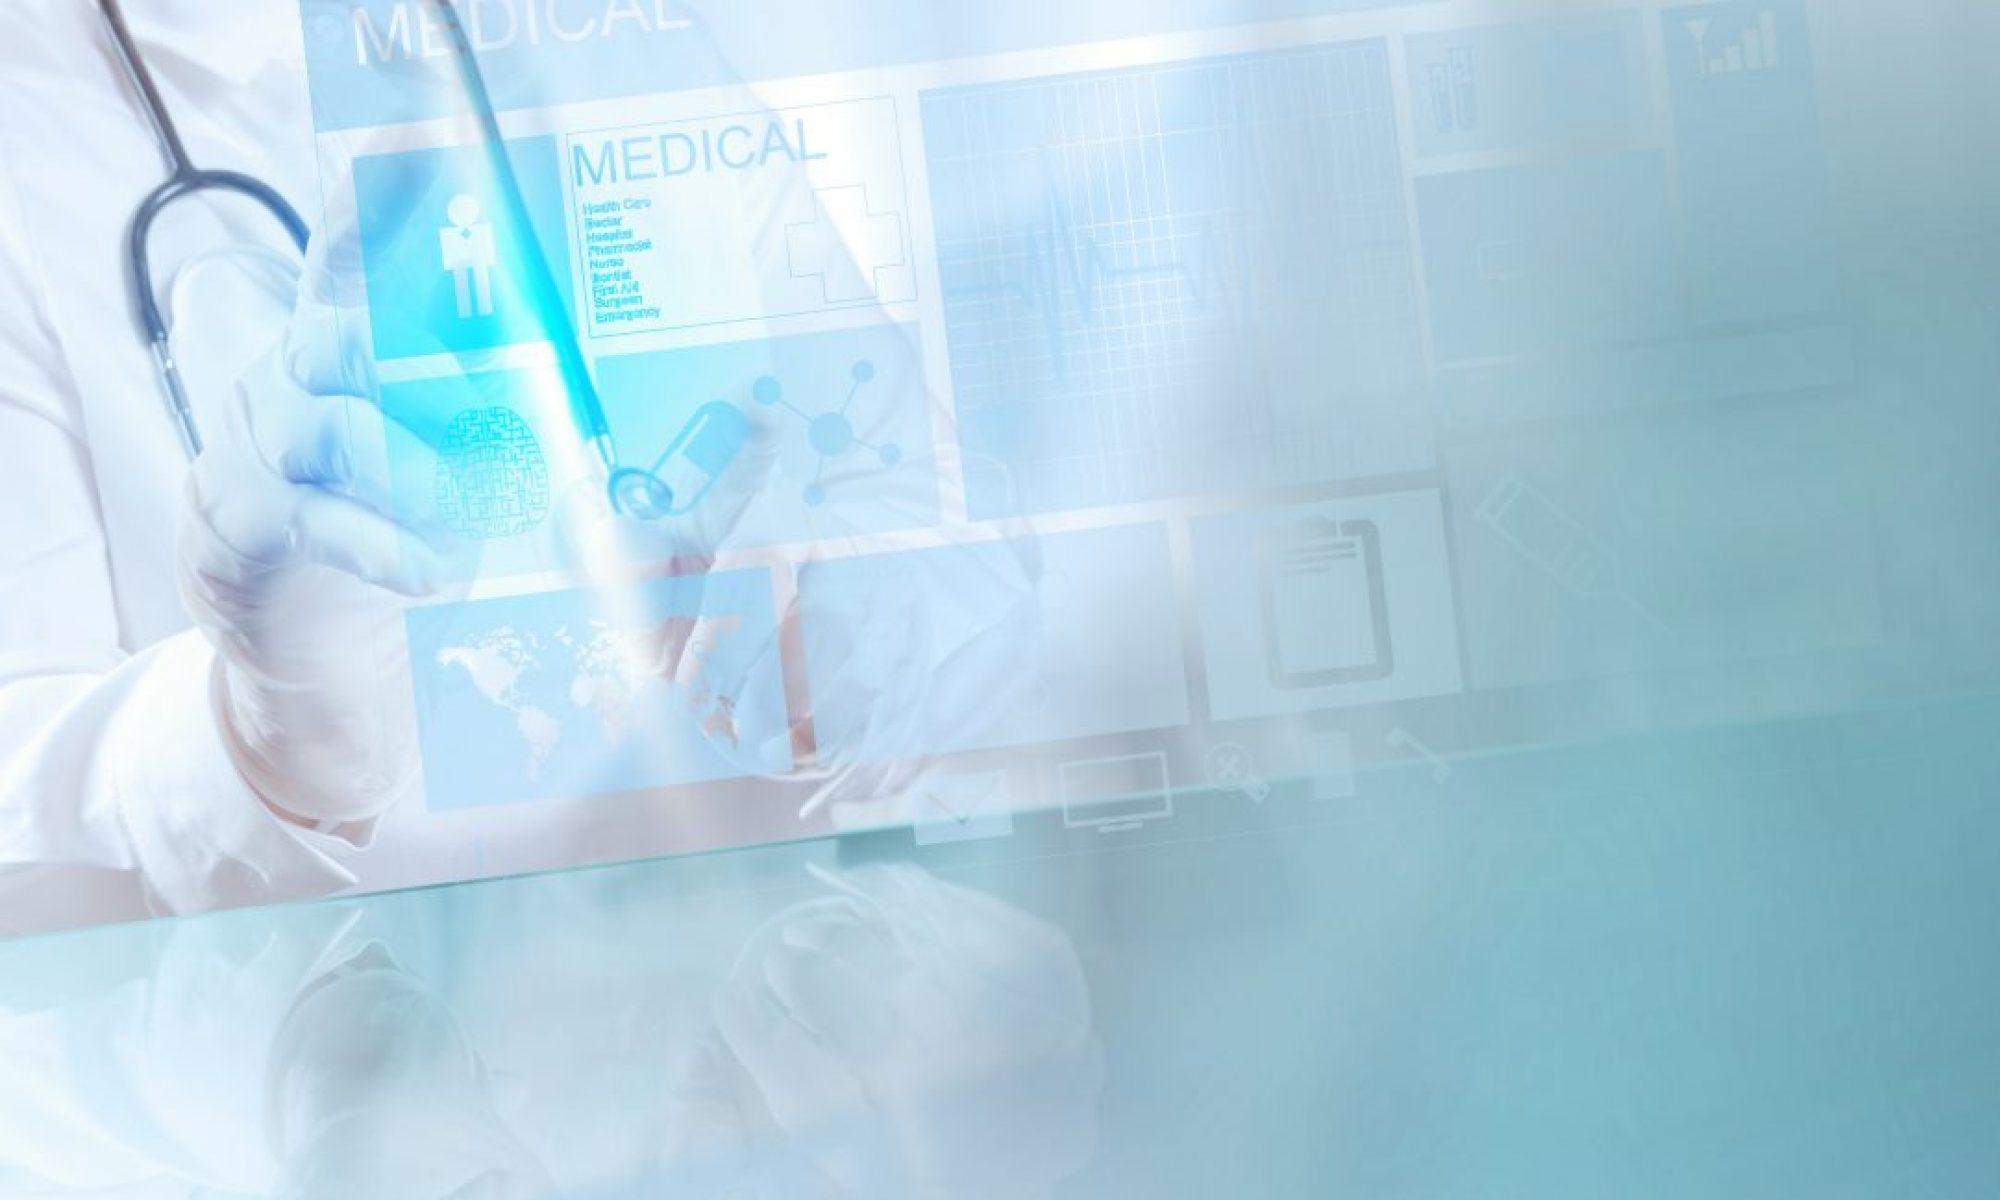 MedConCap - Ihr Expertenteam für die Marktzulassung und Zertifizierung von Medizinprodukten